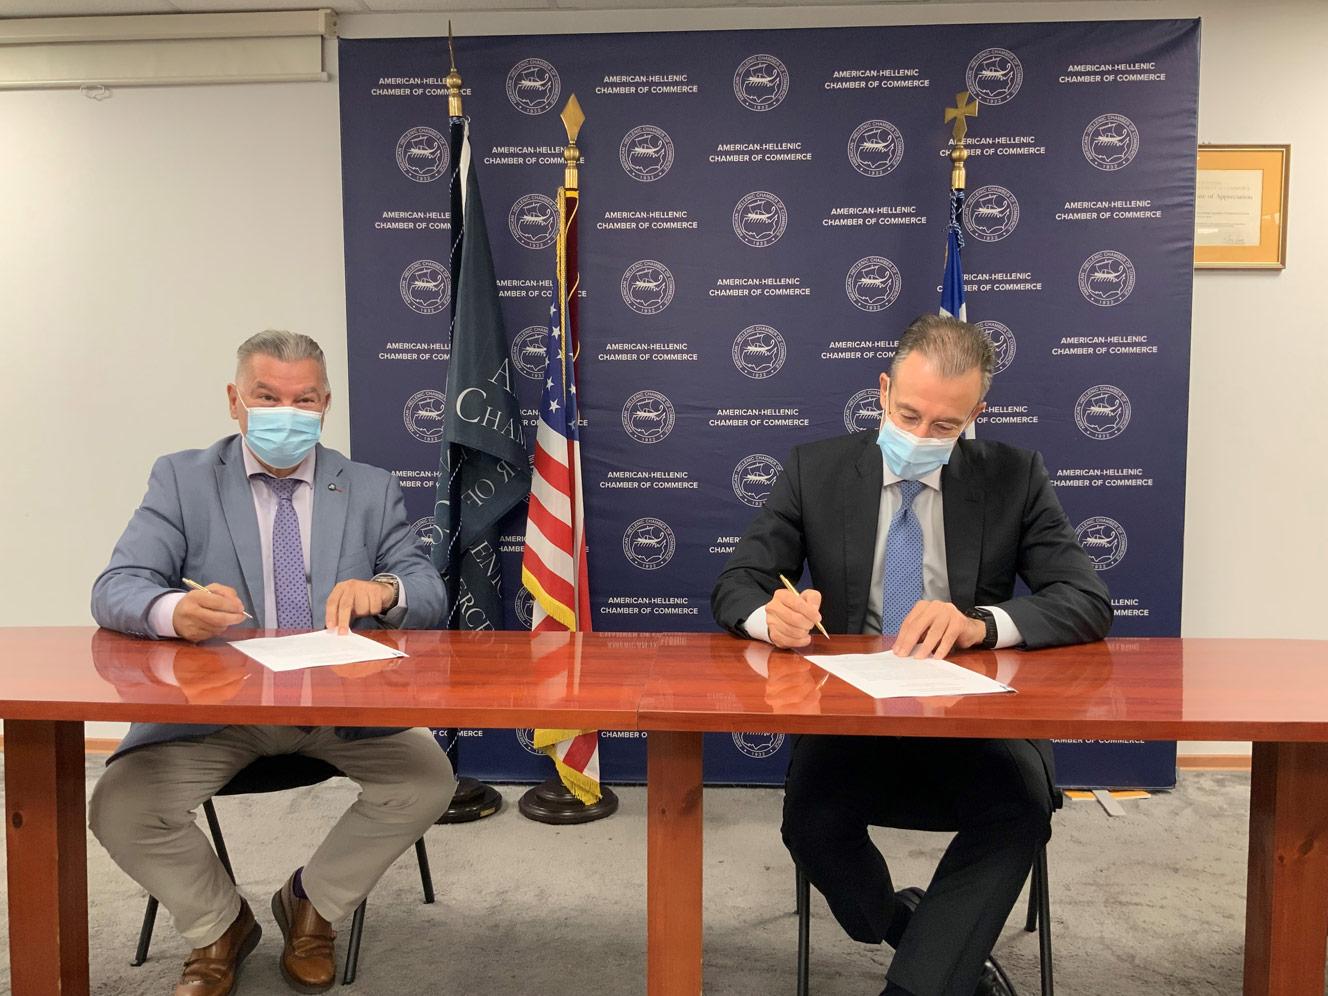 Μνημόνιο Συνεργασίας μεταξύ του Ελληνοαμερικανικού Επιμελητηρίου και του ΚΕ.ΤΕ.Κ.Ν.Υ. – Ελληνικού Ινστιτούτου DRG